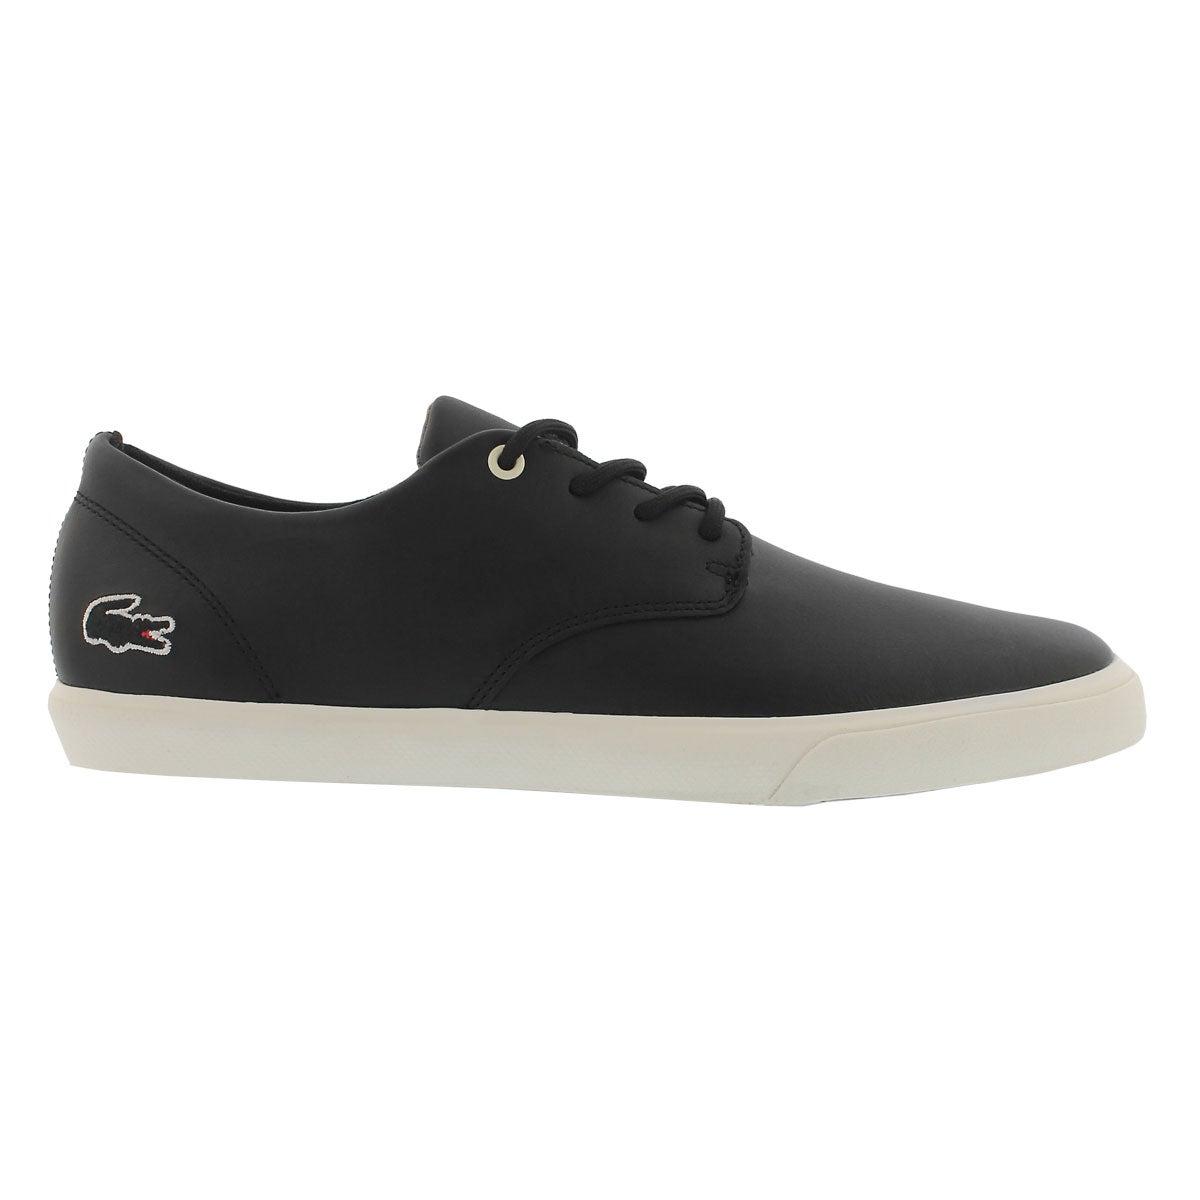 Mns Acitus 118 1 P blk/wht sneaker